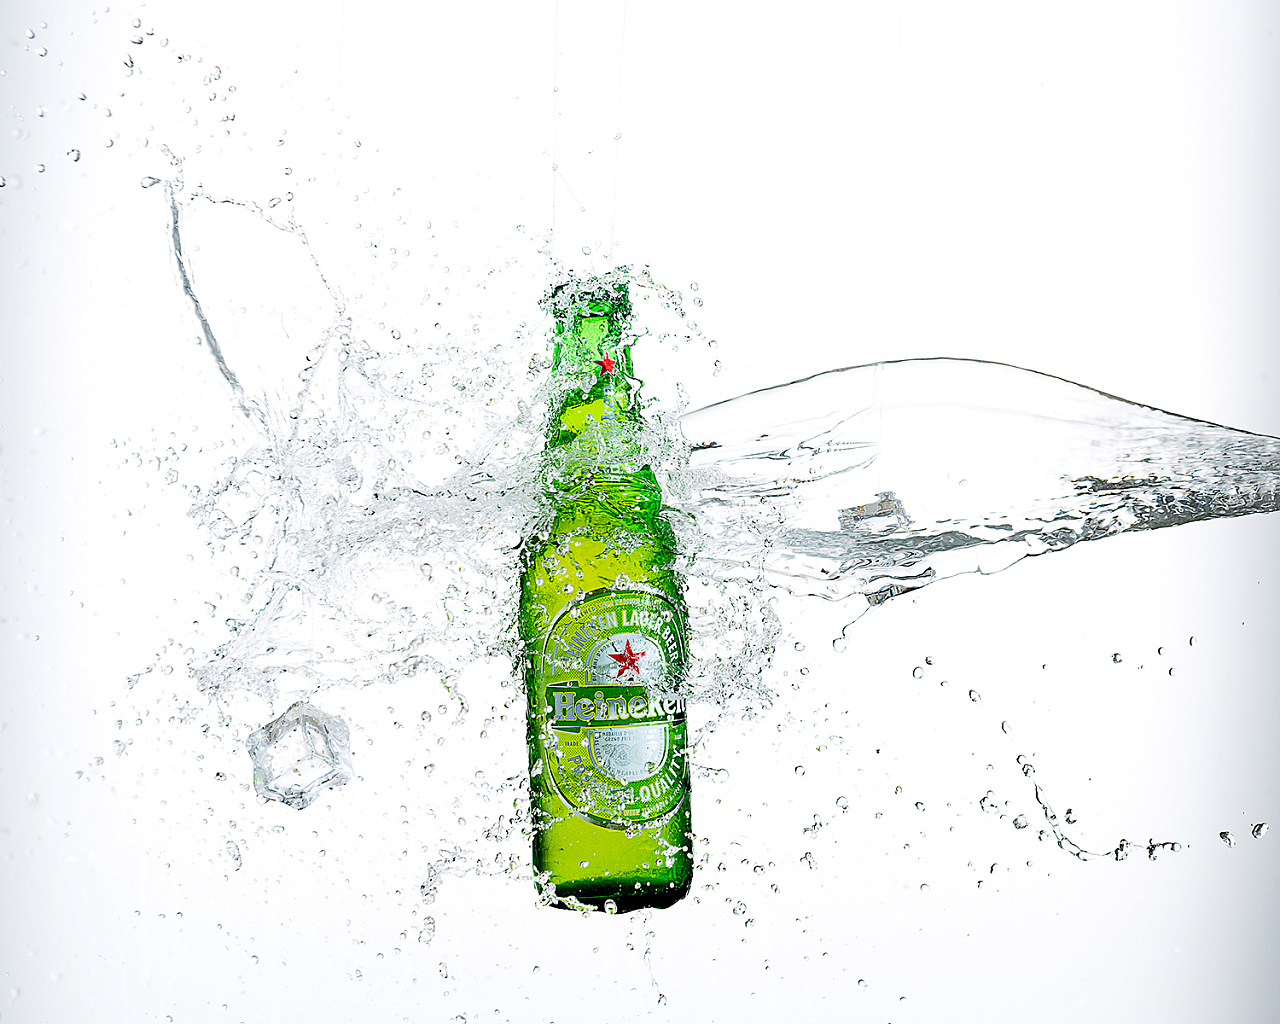 静物视频图片福利v静物/视频产品摄影教程啤酒王俪丁VIP广告动态图片